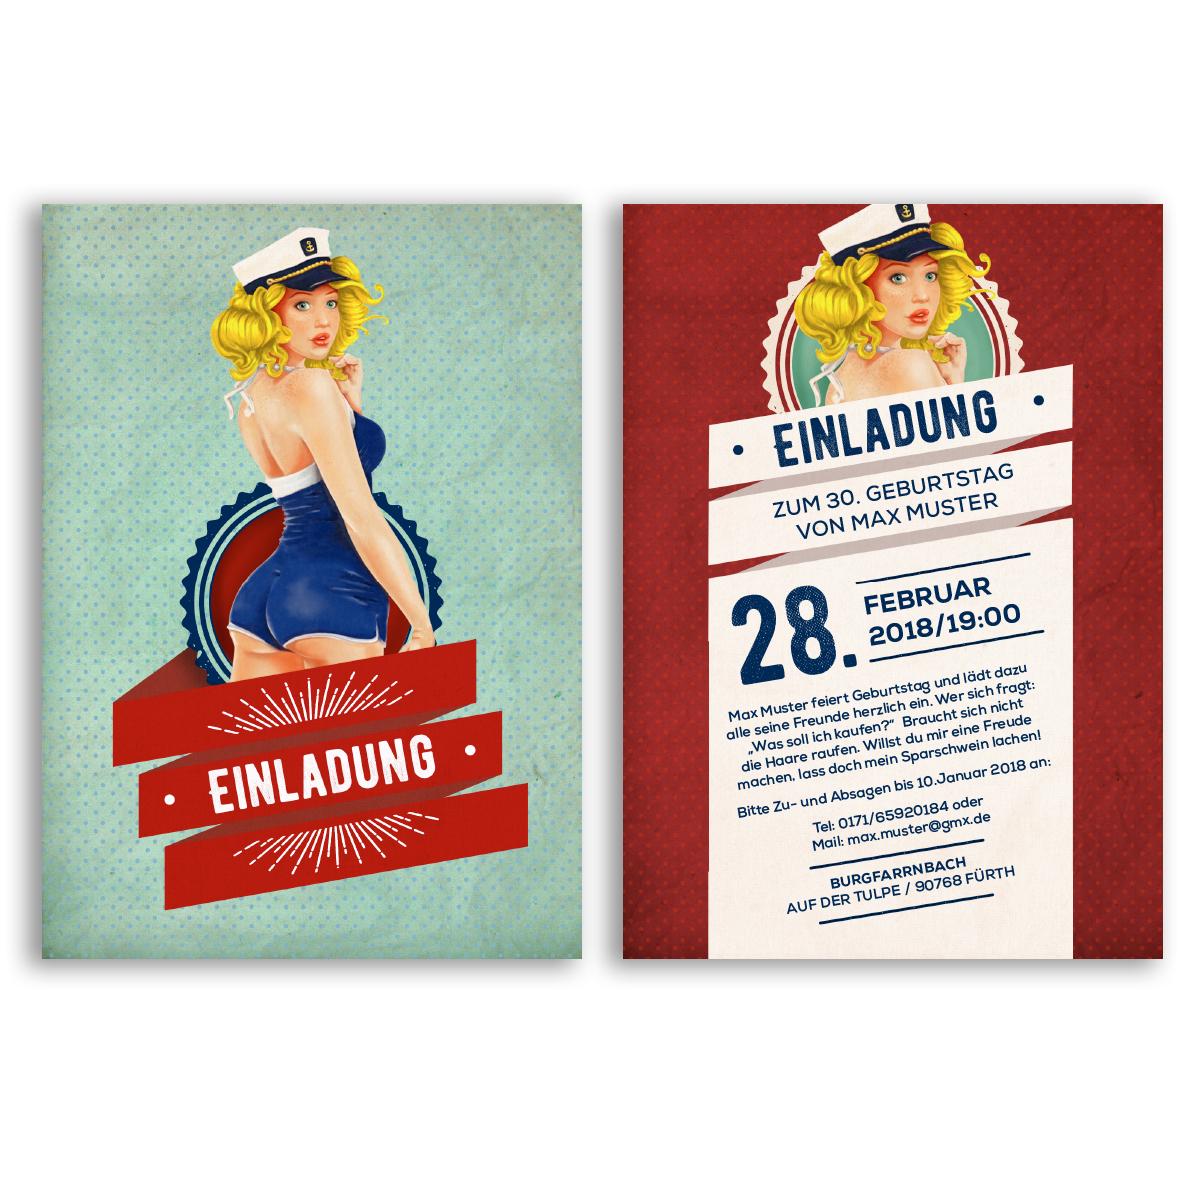 einladungen zum geburtstag pin up girl vintage retro, Einladungen